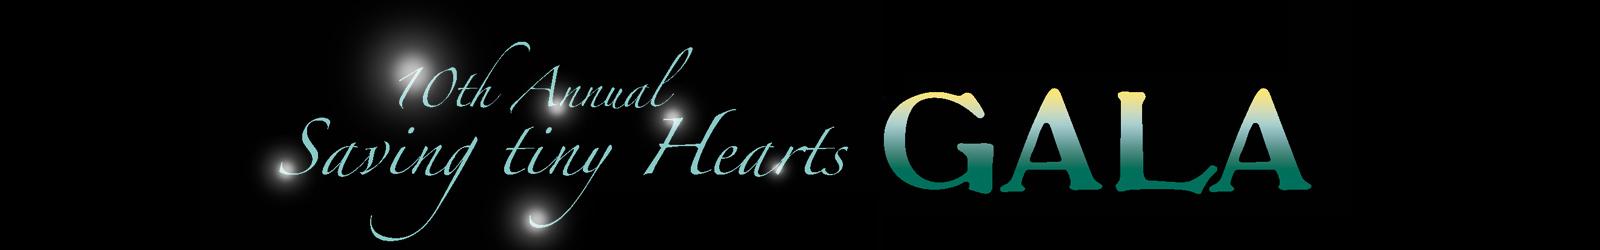 Saving tiny Hearts 10th Annual Gala